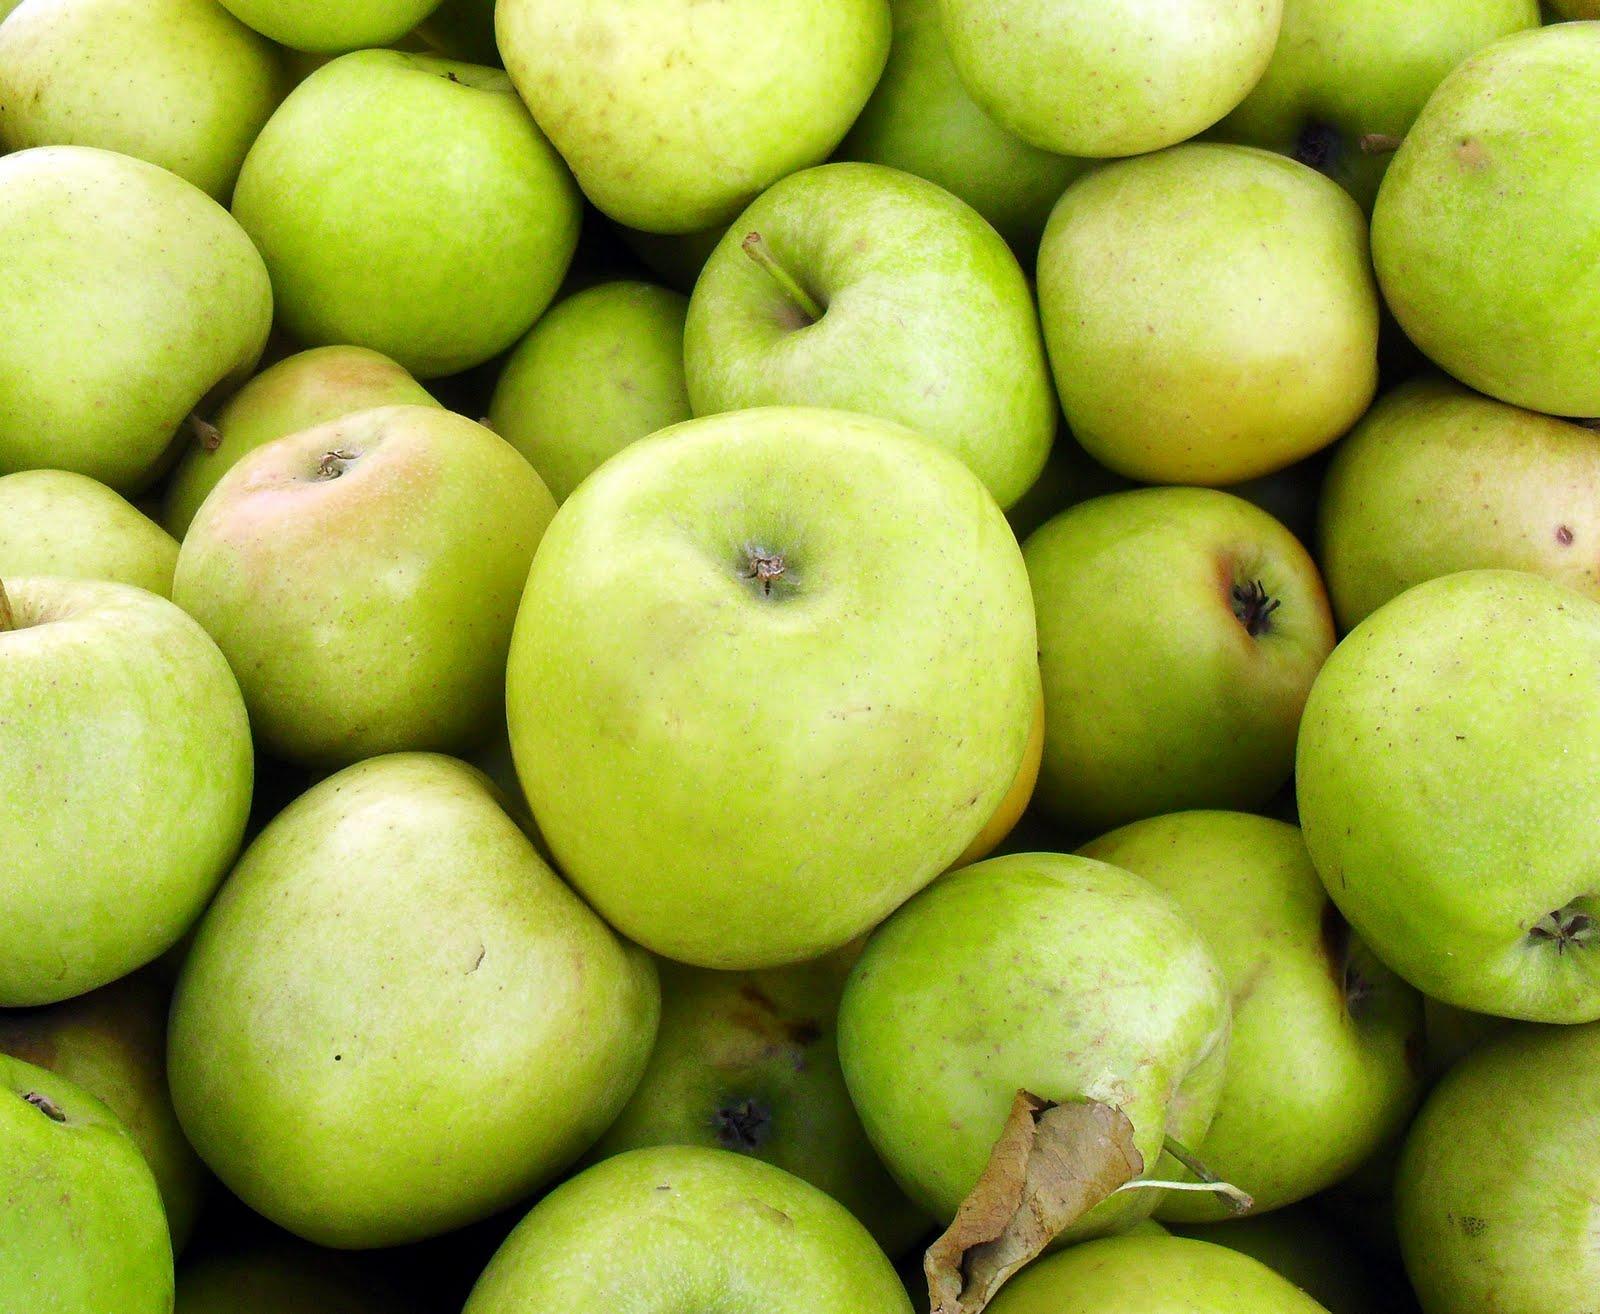 Описание сорта яблони хоней крисп: фото яблок, важные характеристики, урожайность с дерева